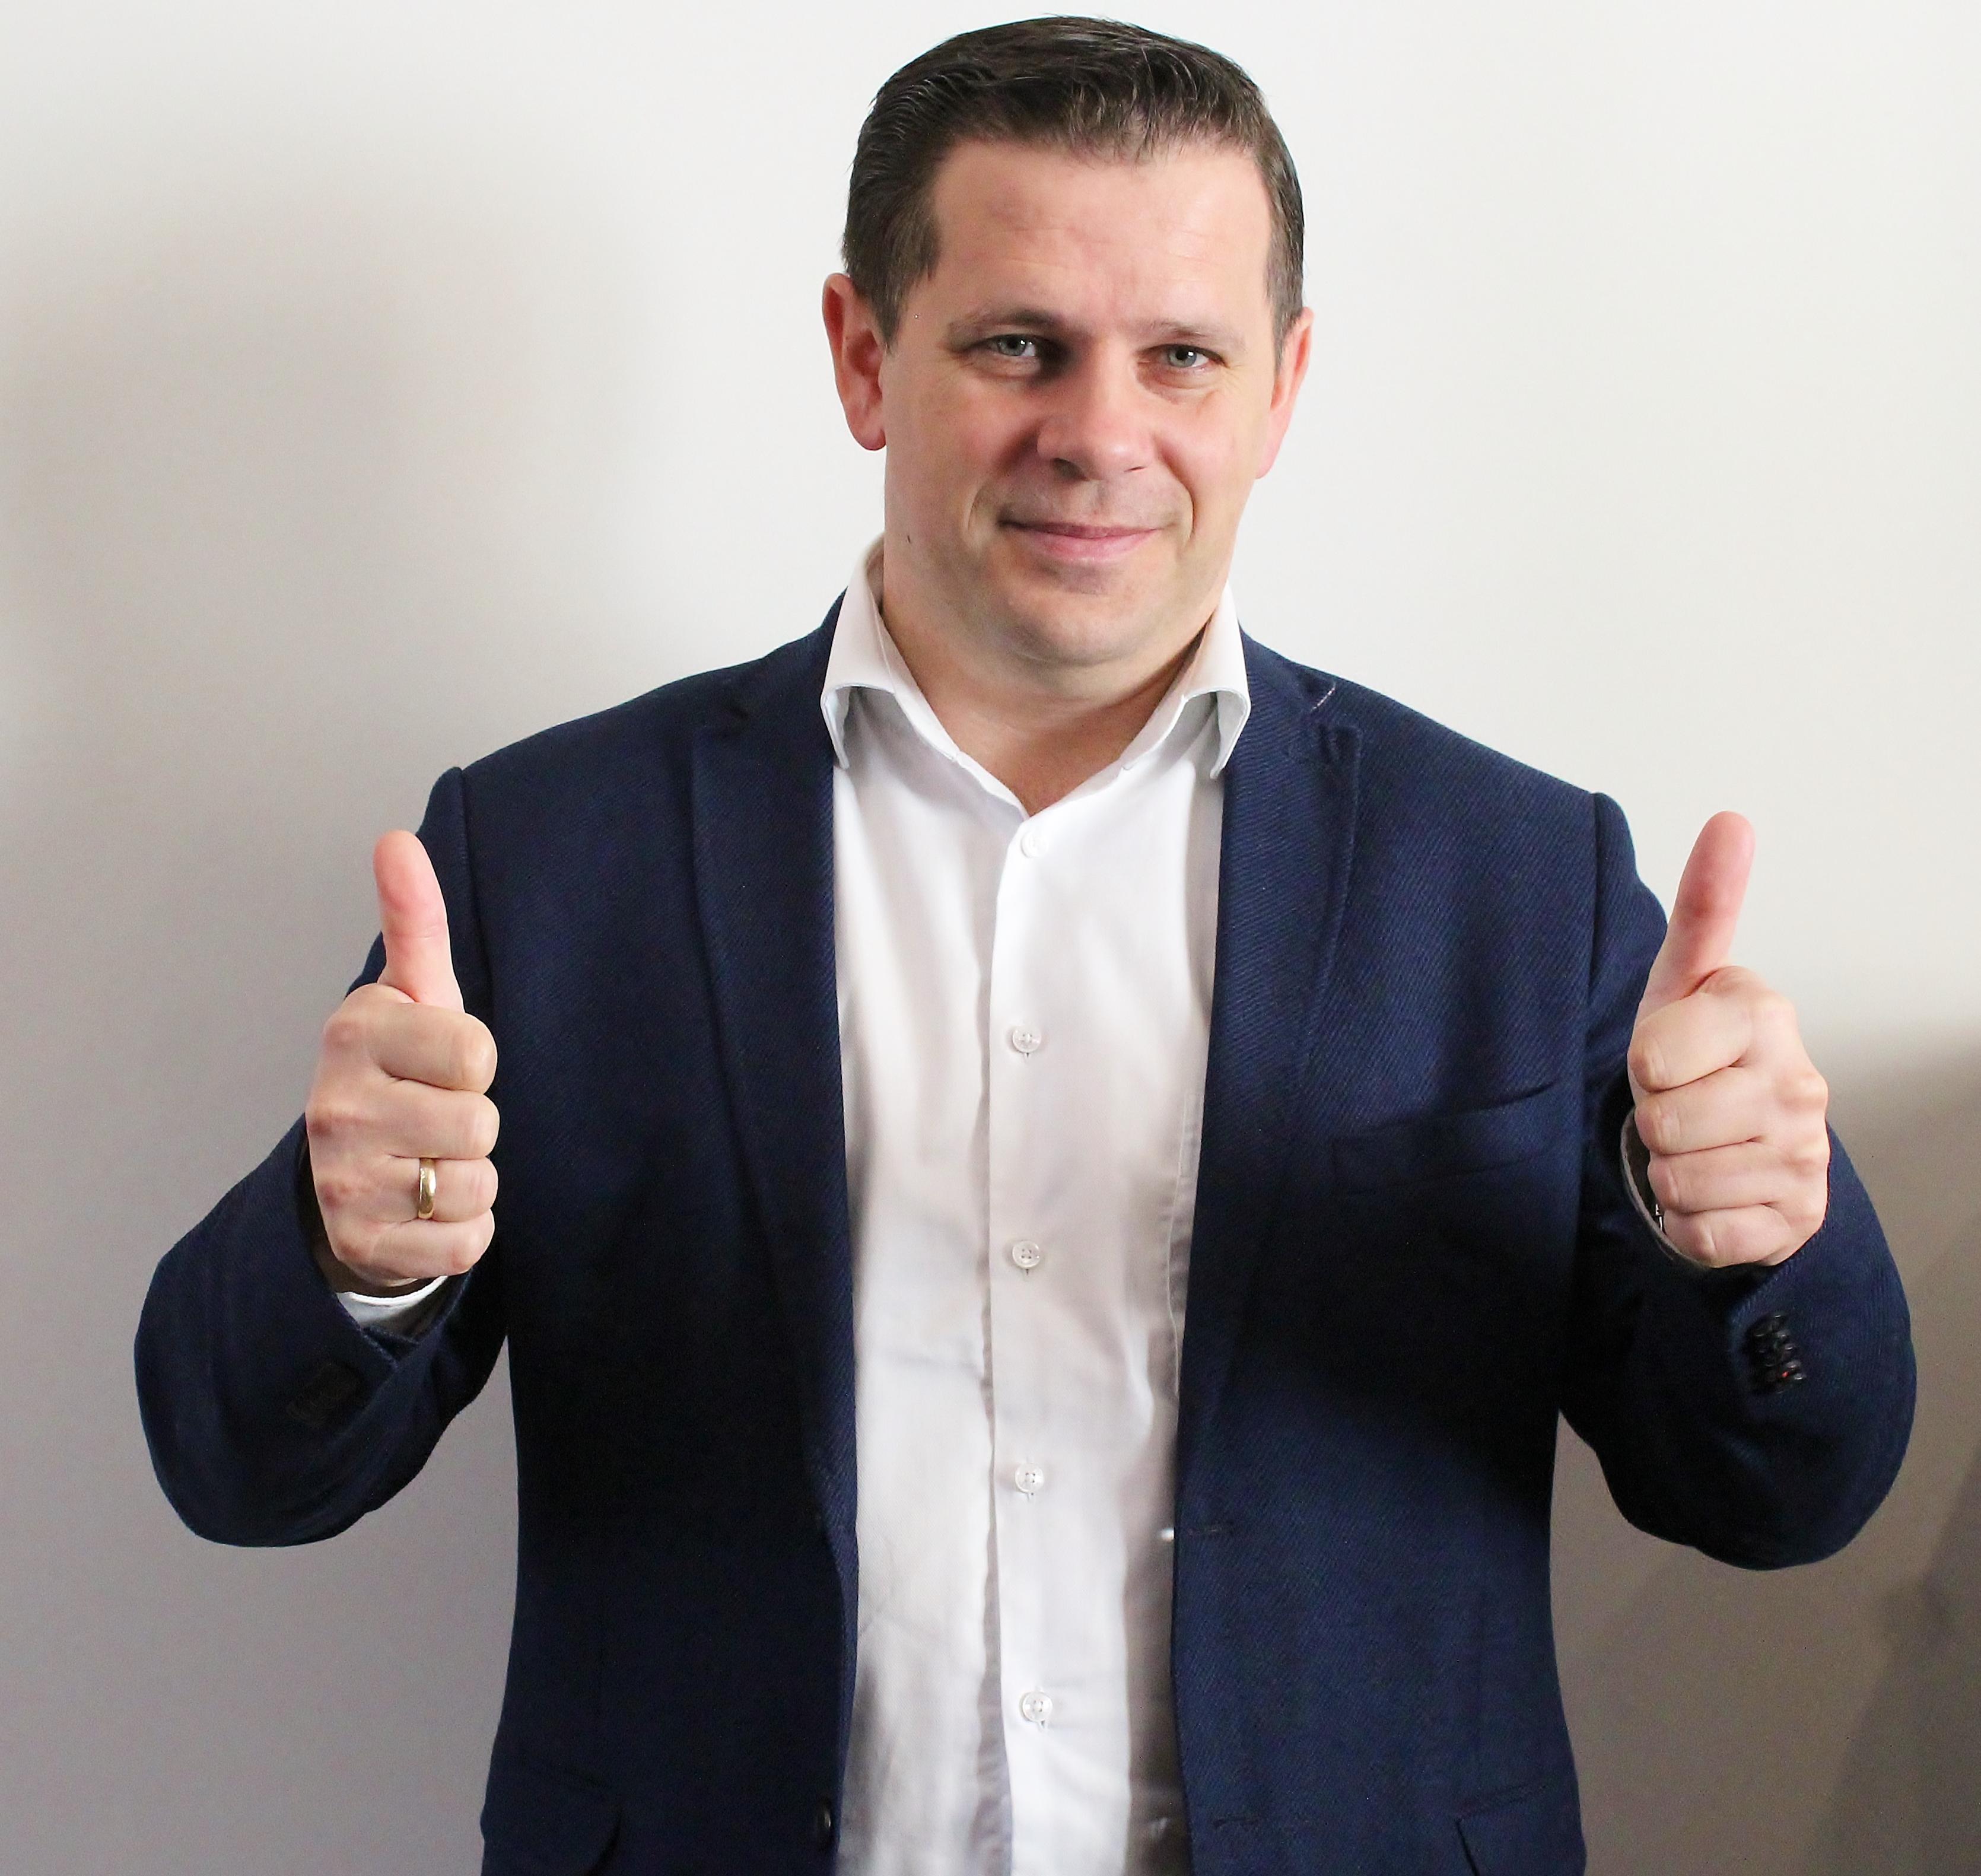 Burmistrz Miasta Wisła dziękuje